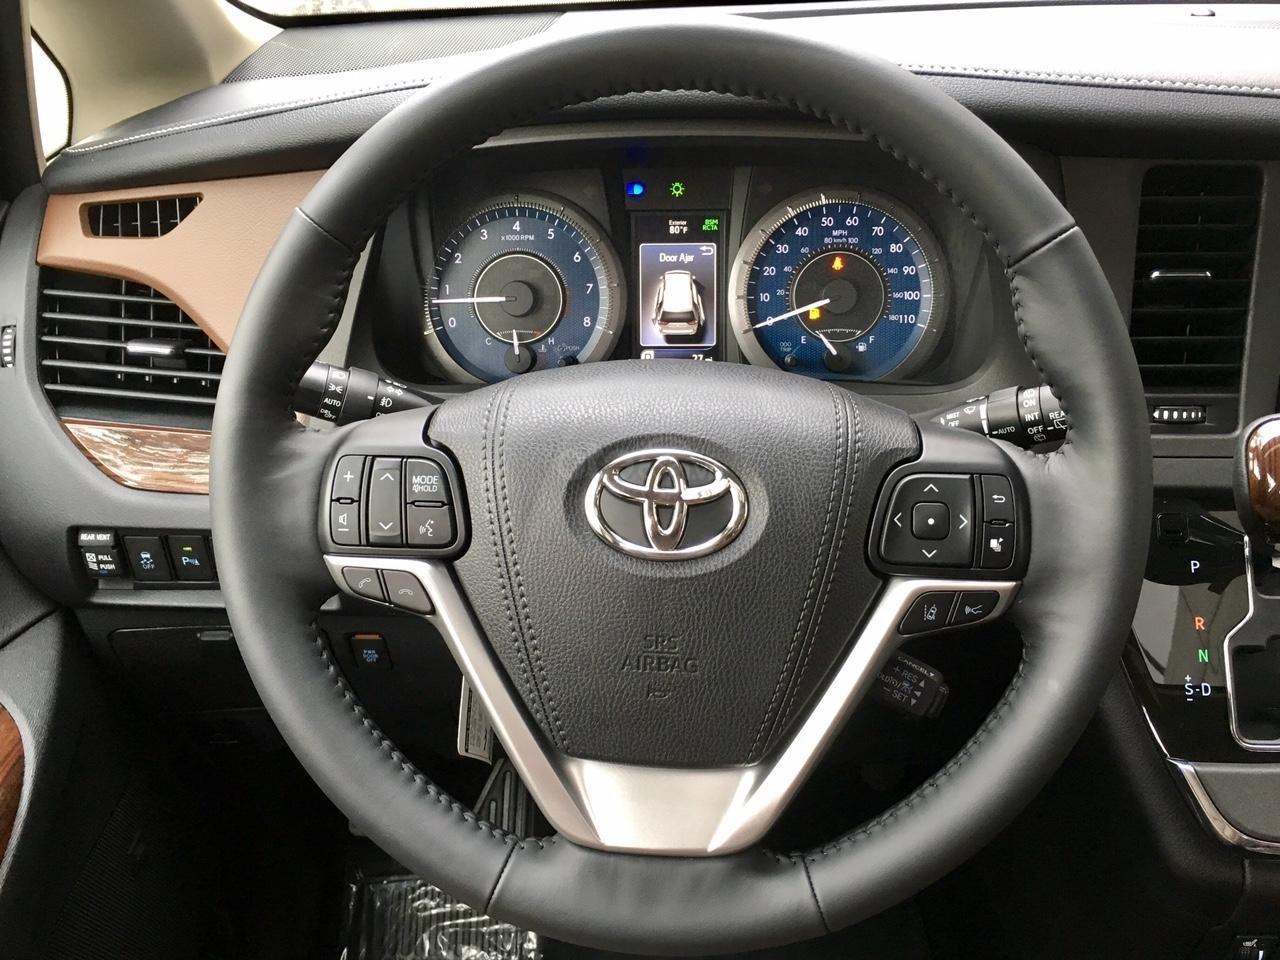 Bán Toyota Sienna Limited 1 cầu model 2020 giao ngay toàn quốc, giá tốt - LH 093.996.2368 Ms Ngọc Vy (24)